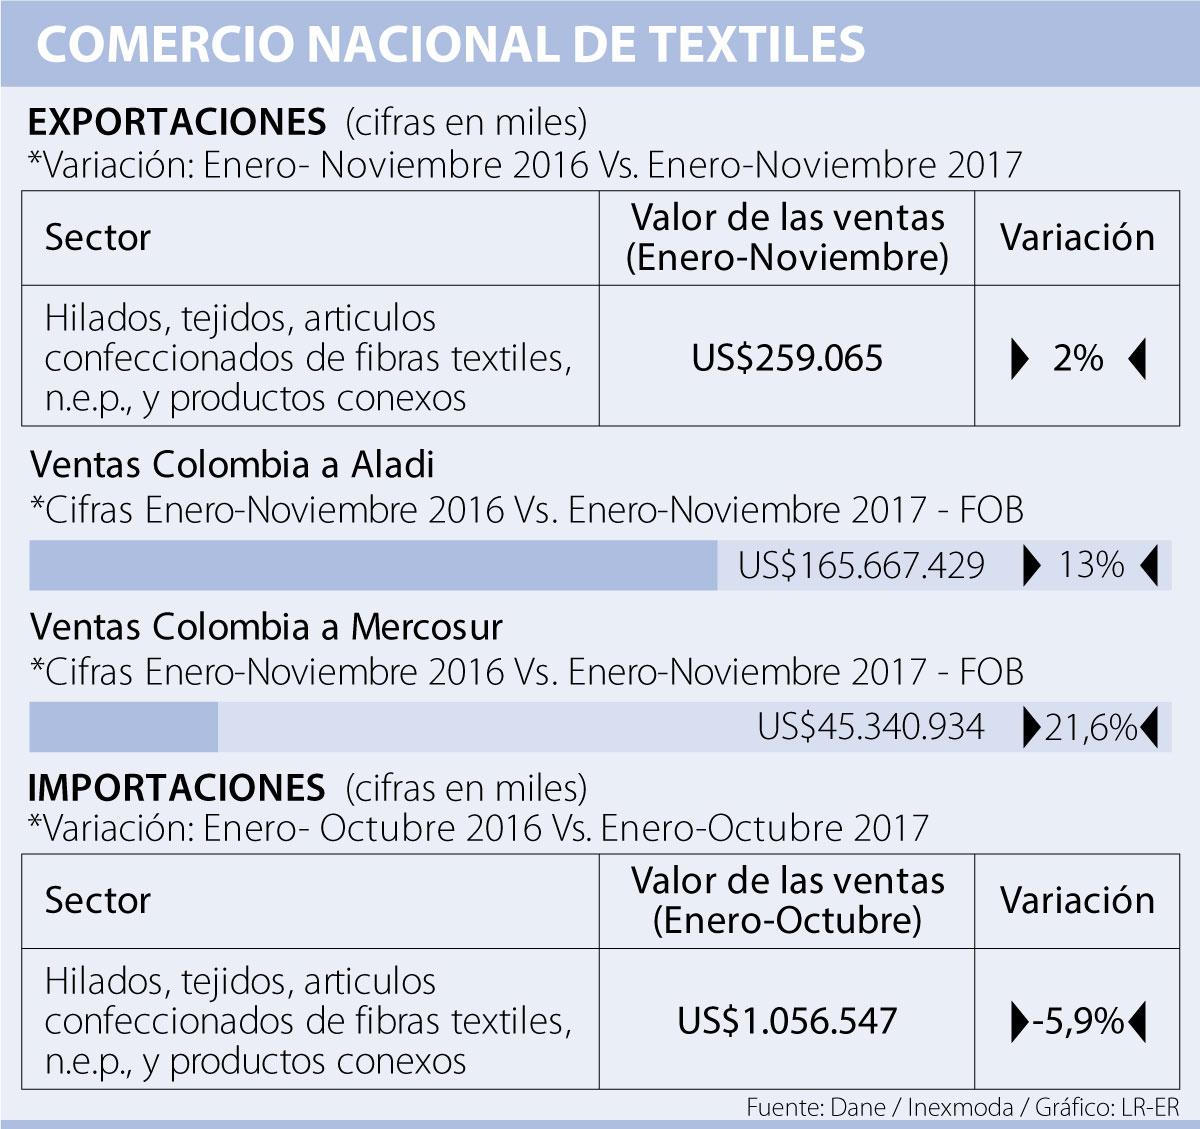 Inspiramais apuesta por comercio textil entre Brasil y Colombia